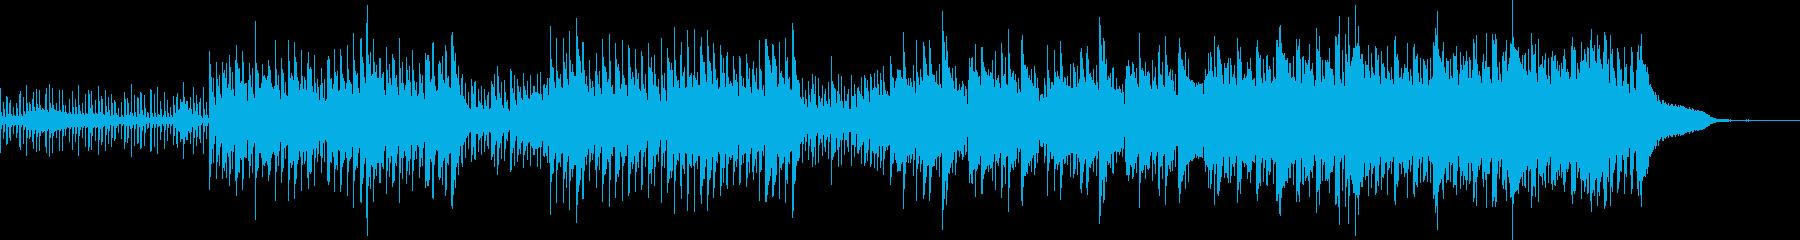 モヤモヤタイム変態系構成力パーカッションの再生済みの波形